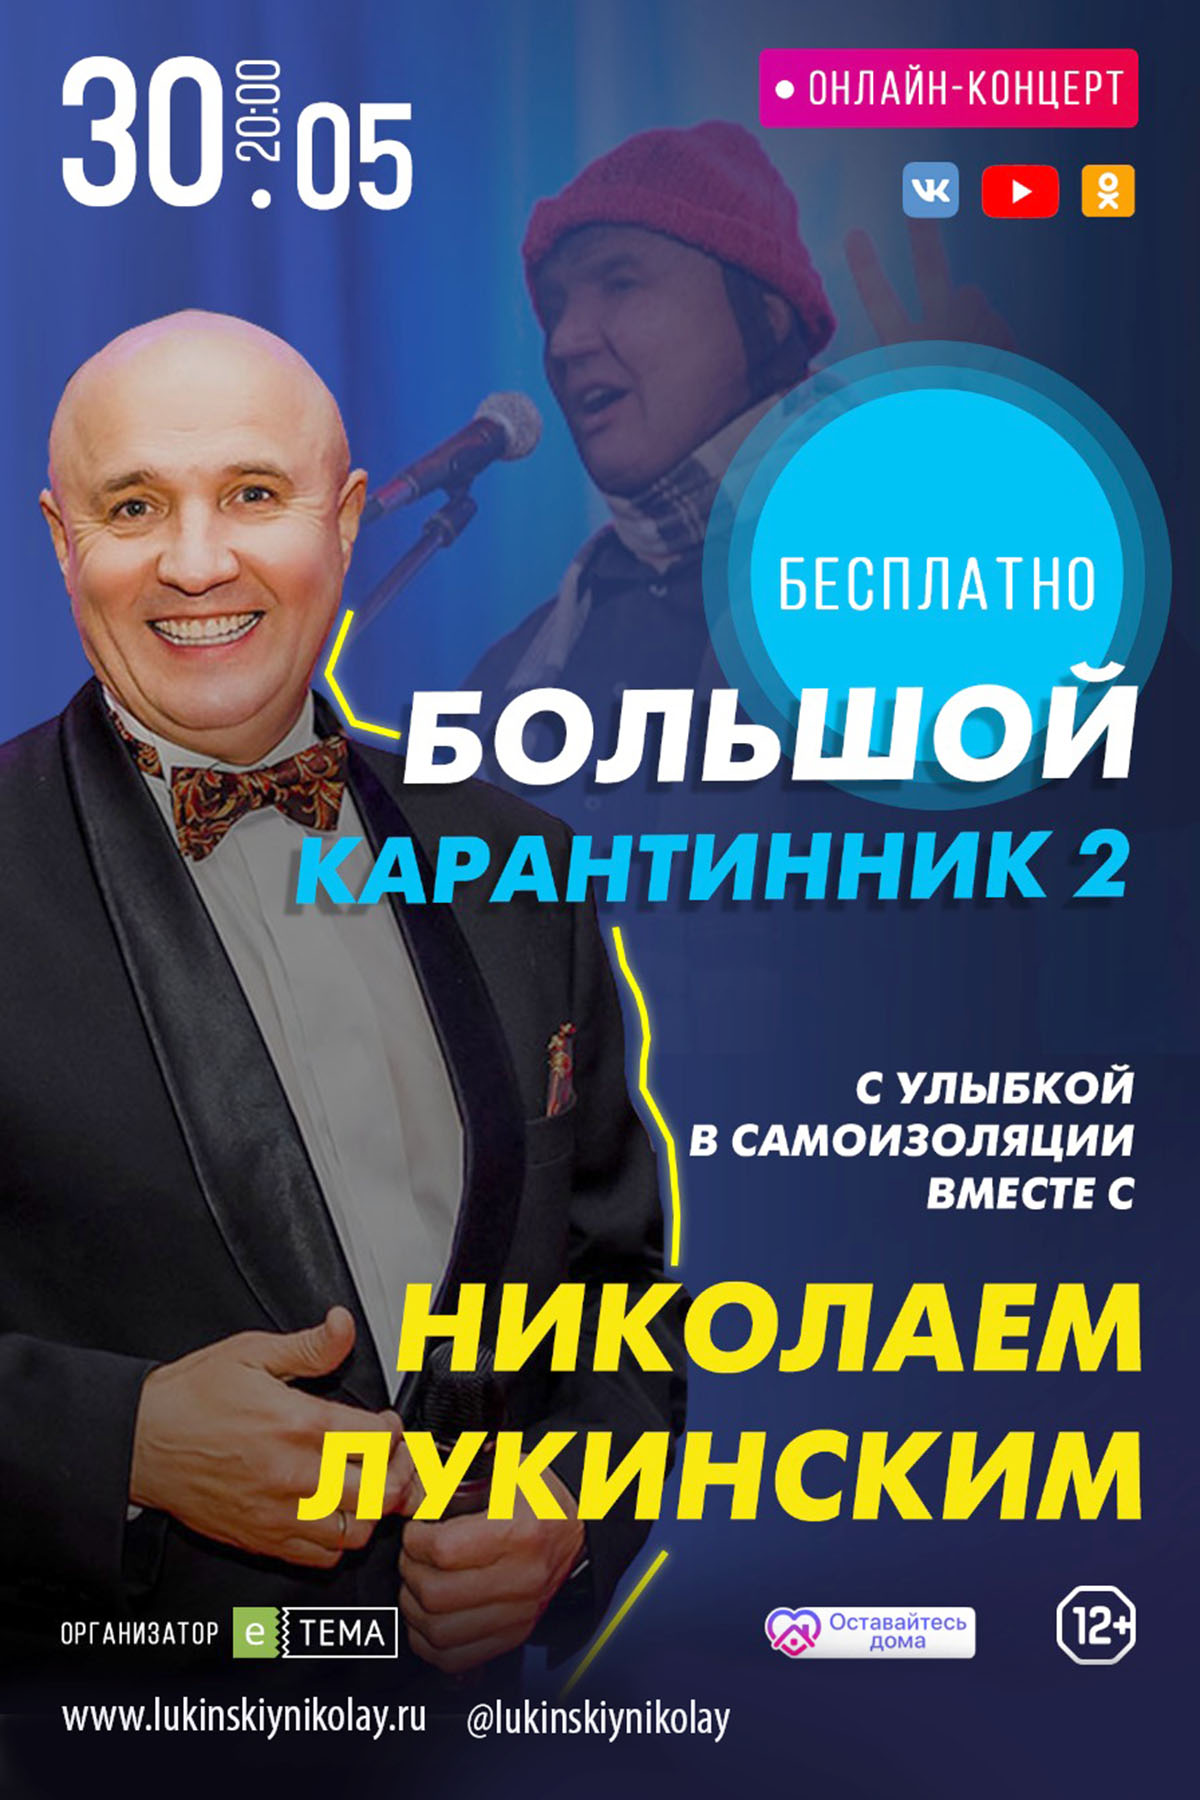 лукинский он-лайн концерт #сидимдома